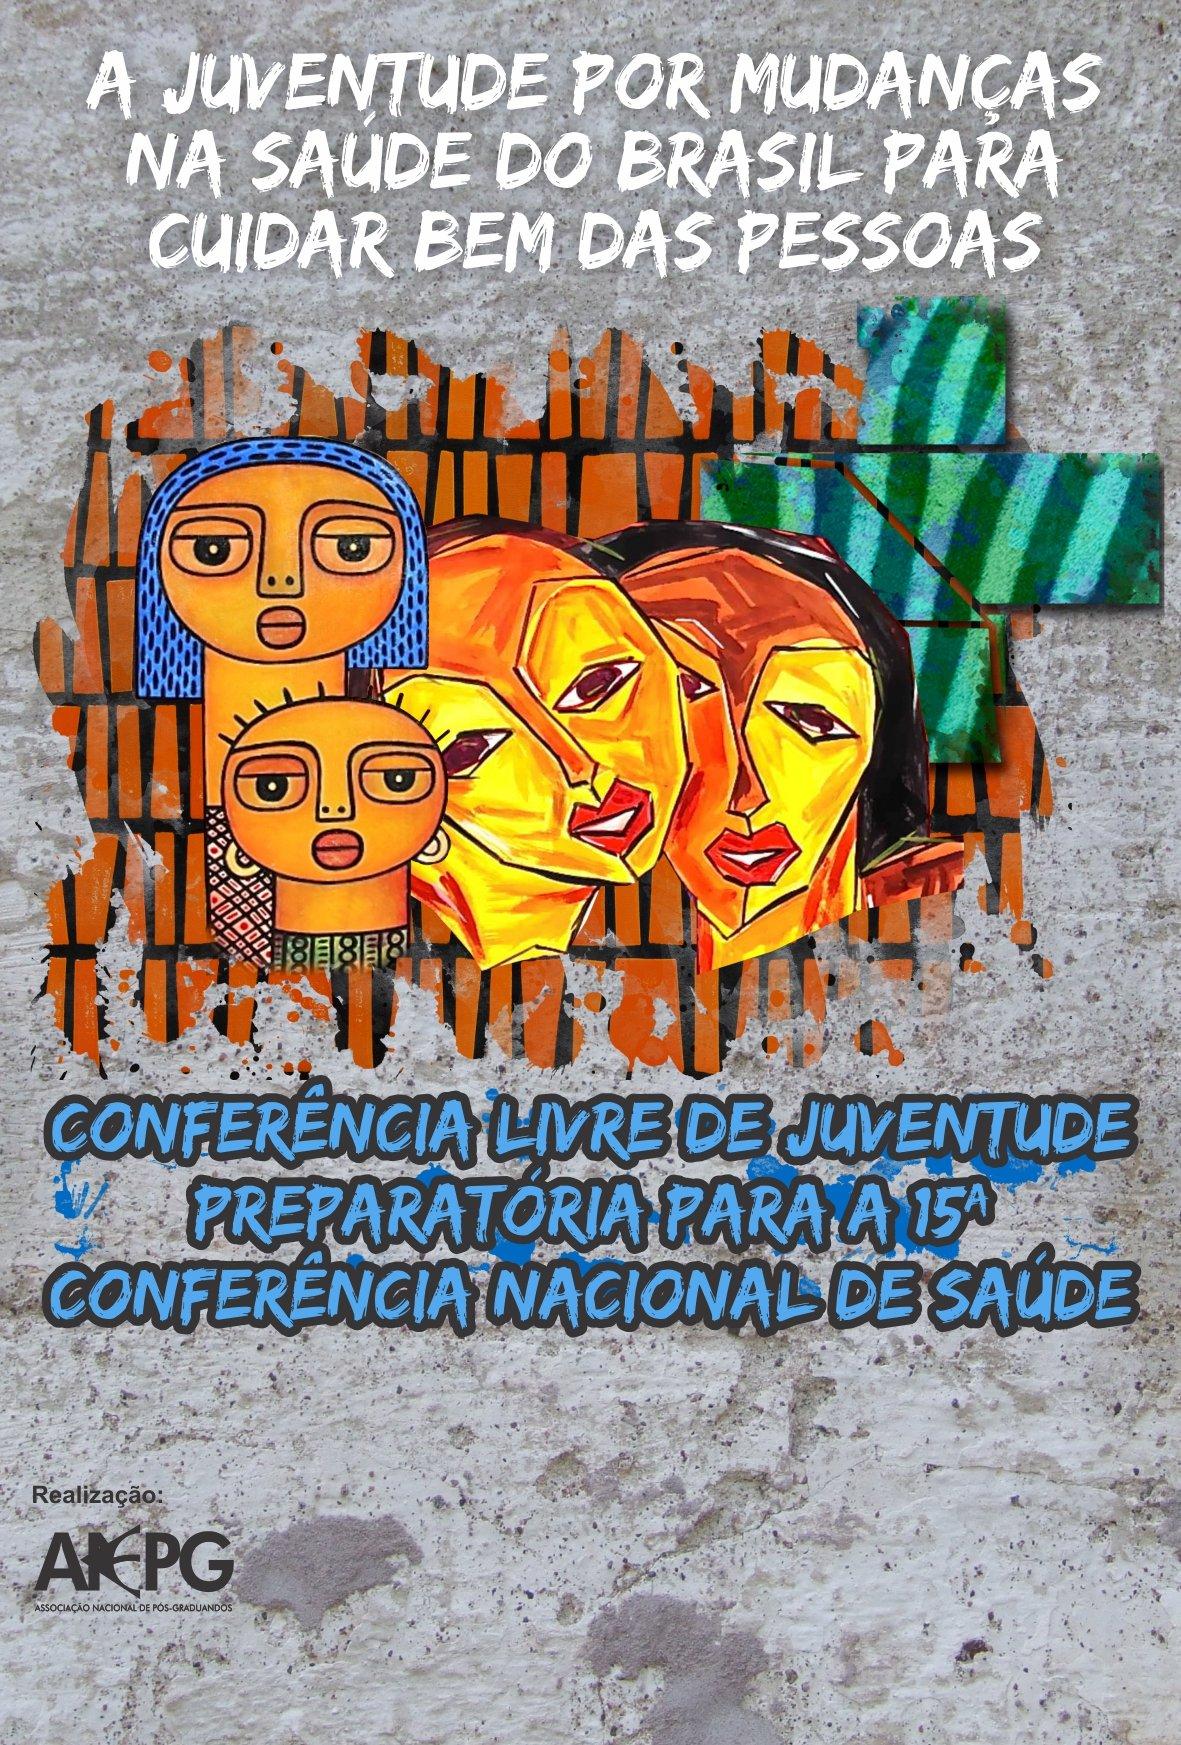 Conferência Livre de Juventude Preparatória para a 15ª Conferência Nacional de Saúde: A juventude por mudanças na saúde do Brasil, para cuidar bem das pessoas